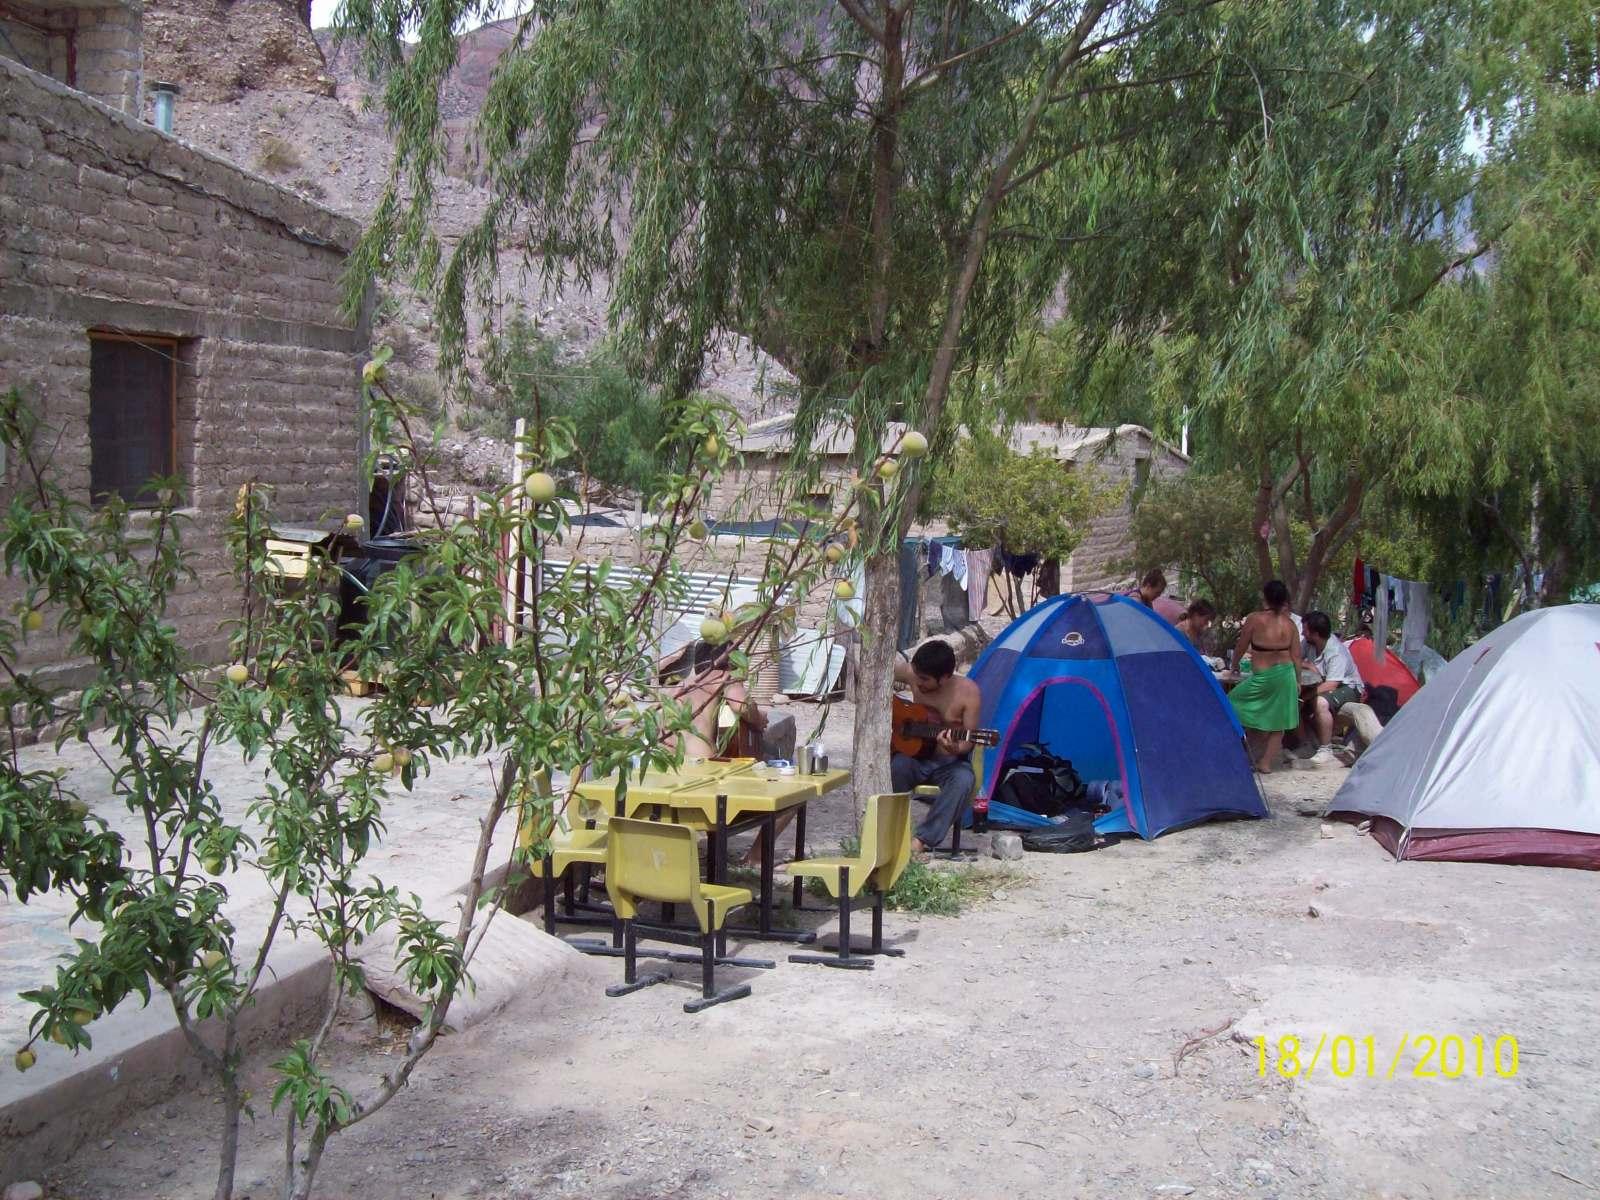 Informe de Campings en Jujuy (Con fotos) 315ihav